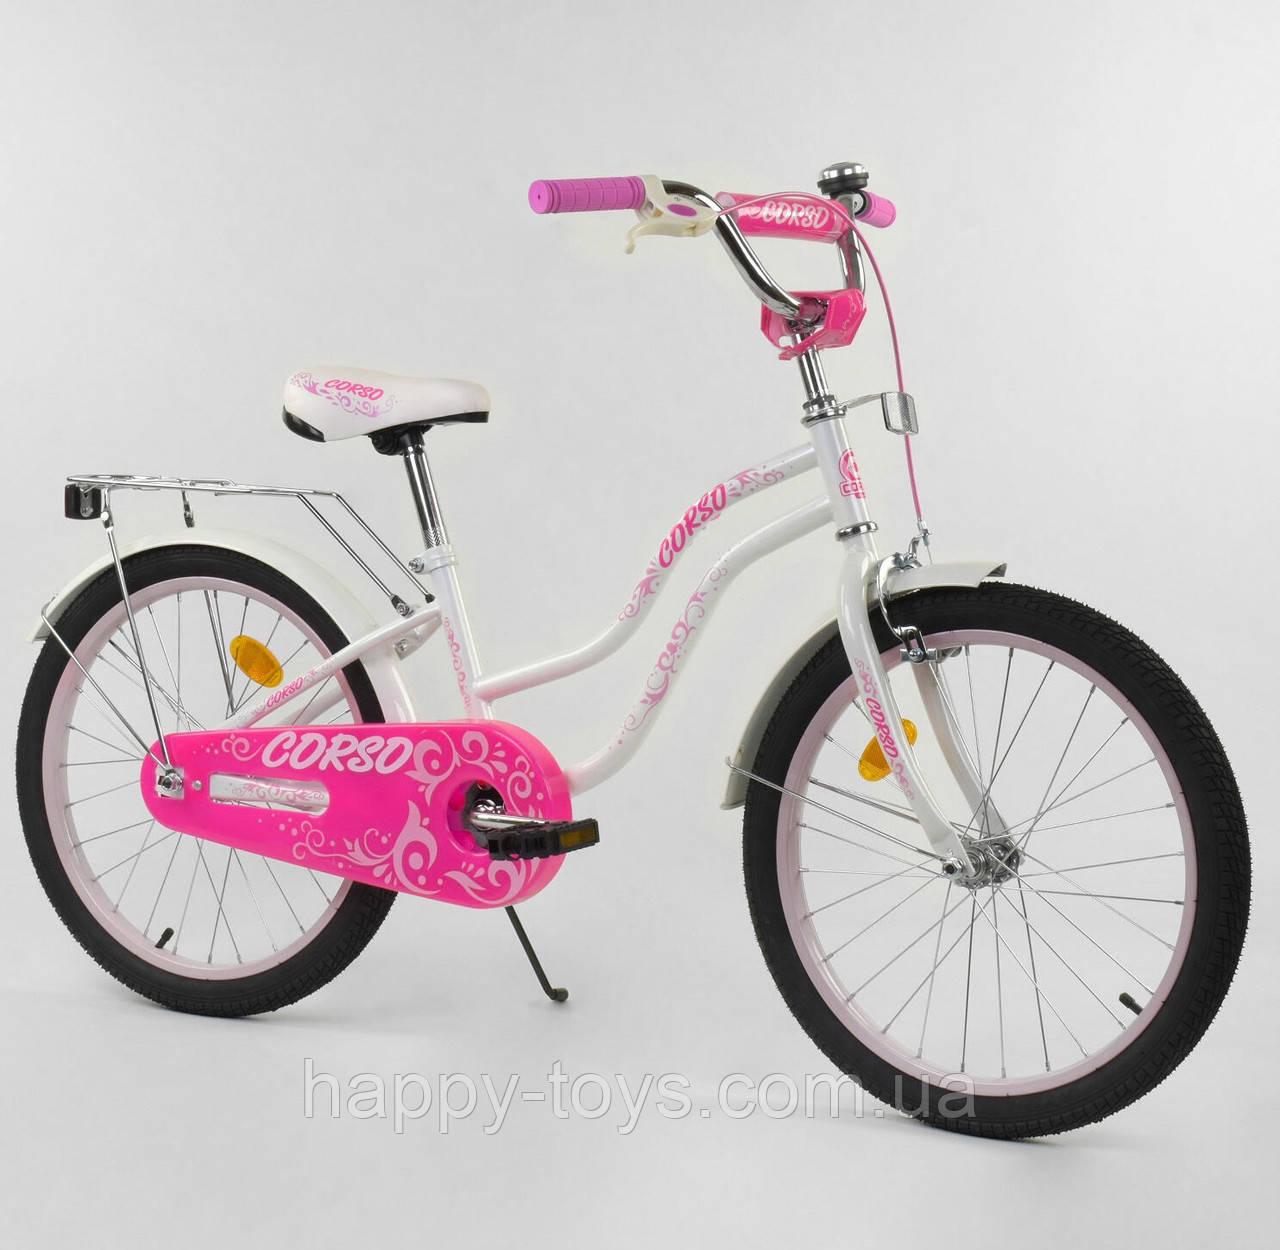 """Велосипед 20"""" дюймов 2-х колёсный CORSO БЕЛЫЙ, ручной тормоз, багажник, собранный на 75% Т-07504"""